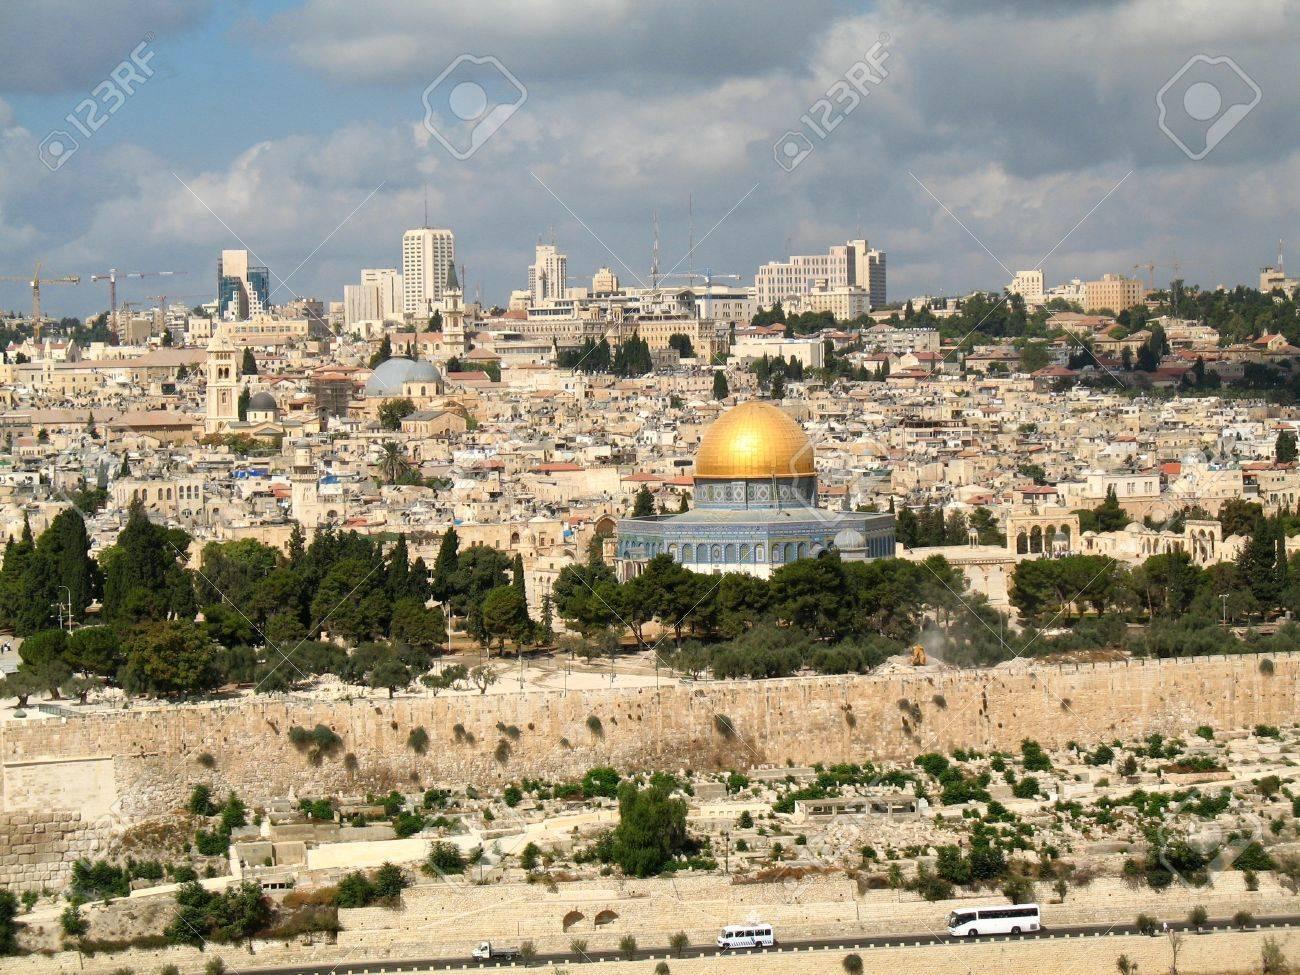 11810188-la-ciudad-vieja-de-jerusalén-israel